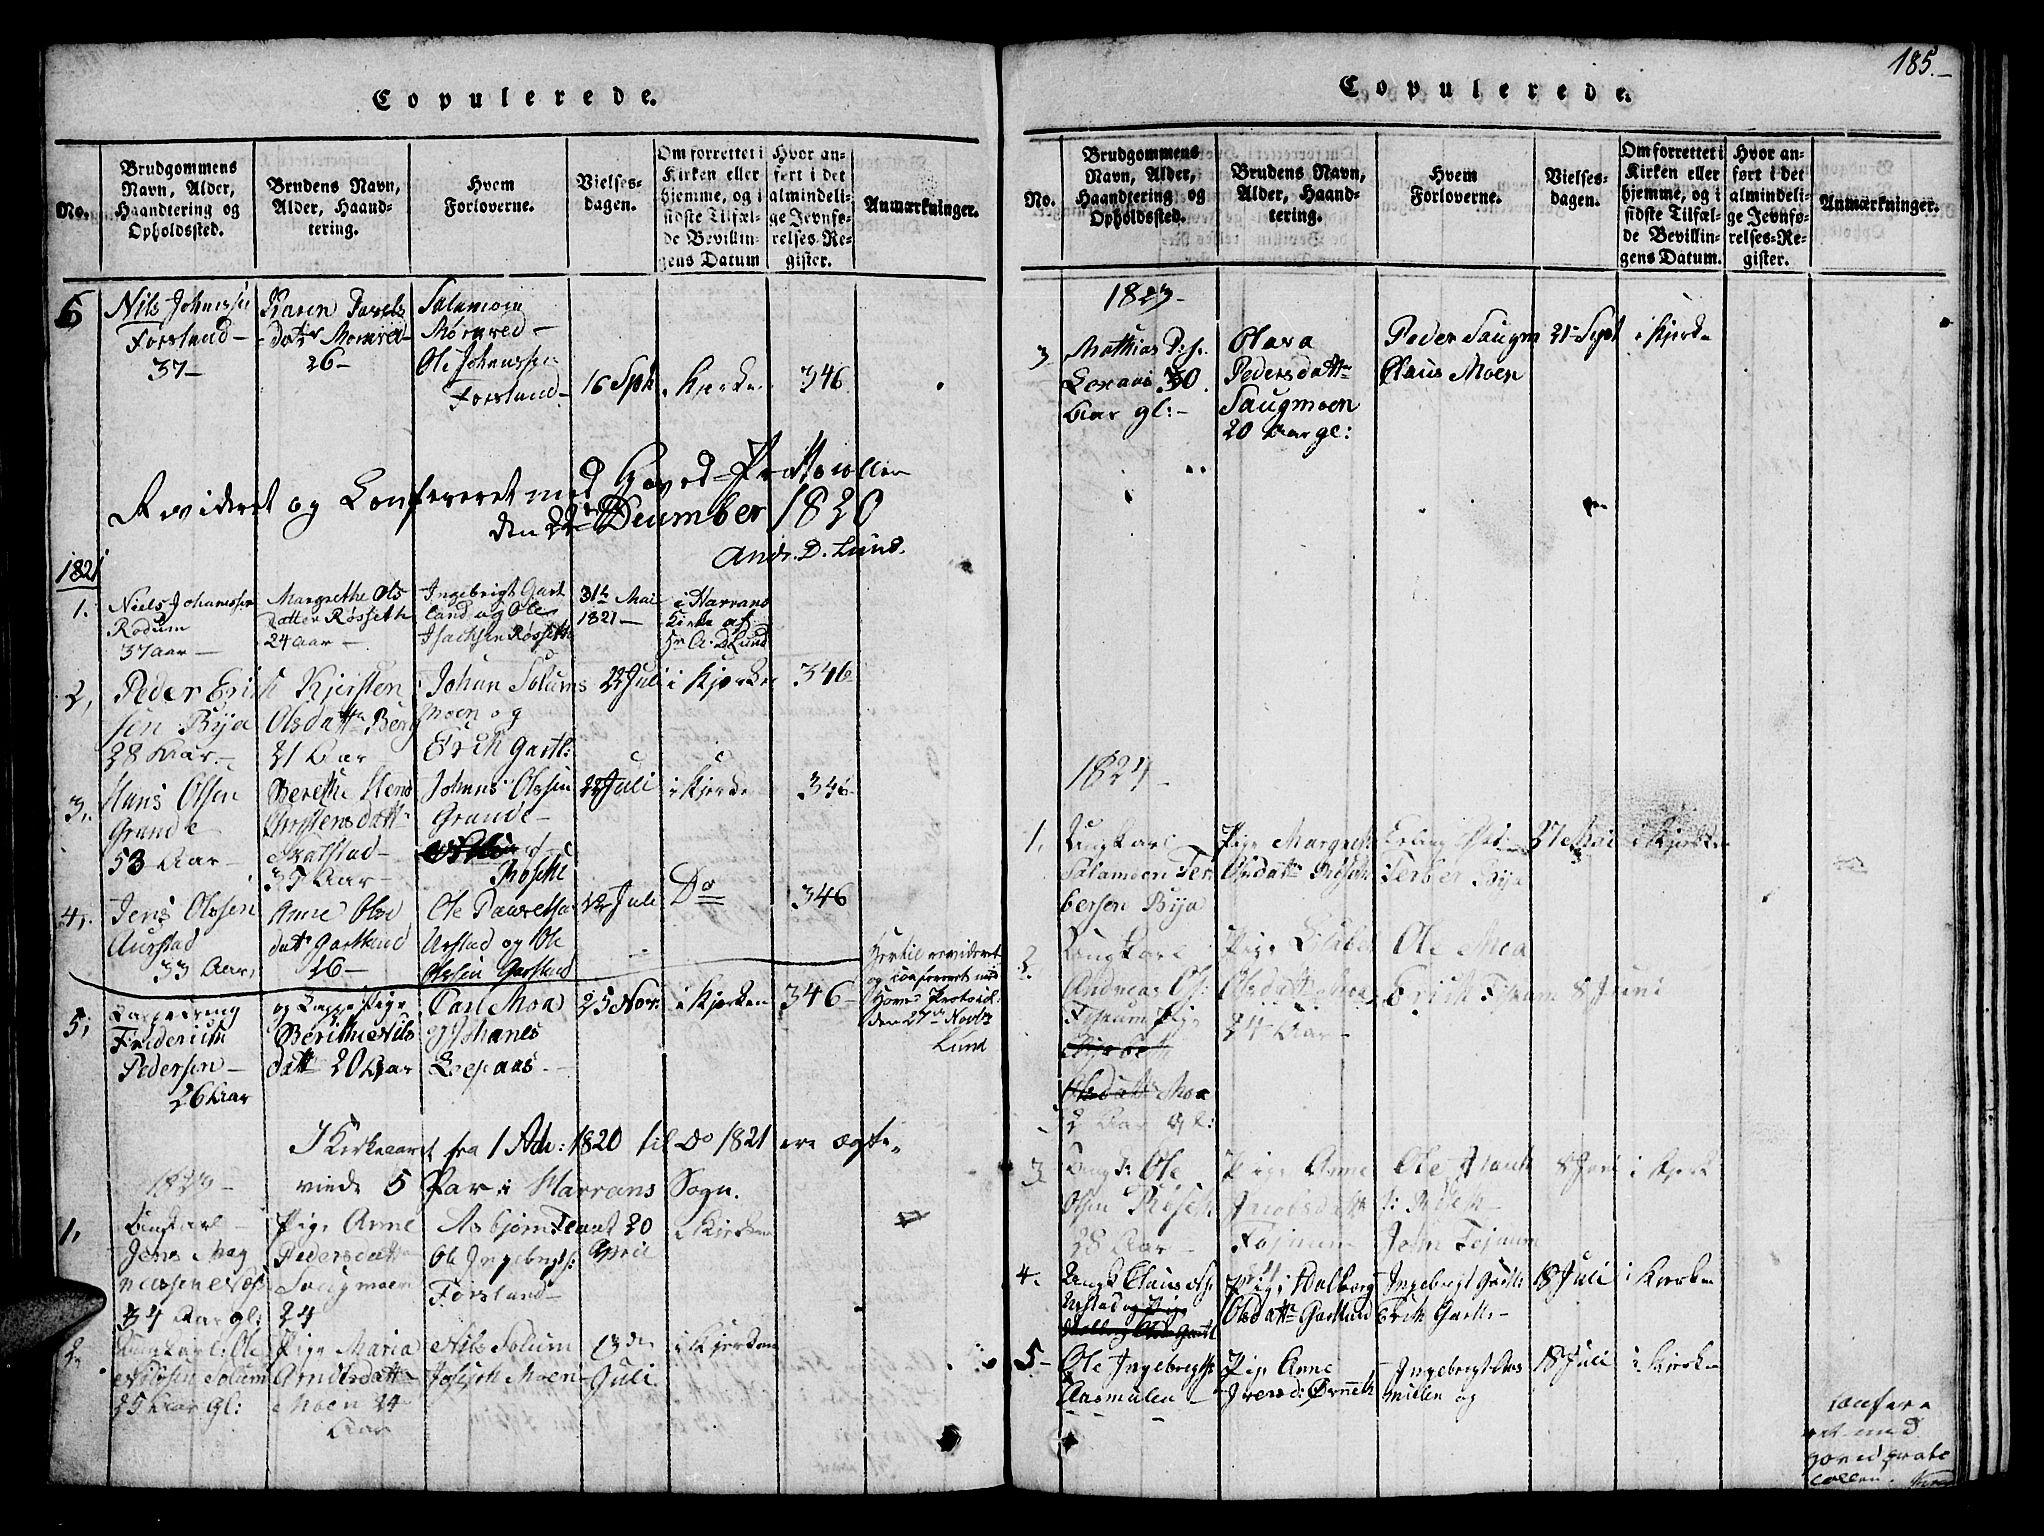 SAT, Ministerialprotokoller, klokkerbøker og fødselsregistre - Nord-Trøndelag, 759/L0527: Klokkerbok nr. 759C01 /1, 1816-1825, s. 185